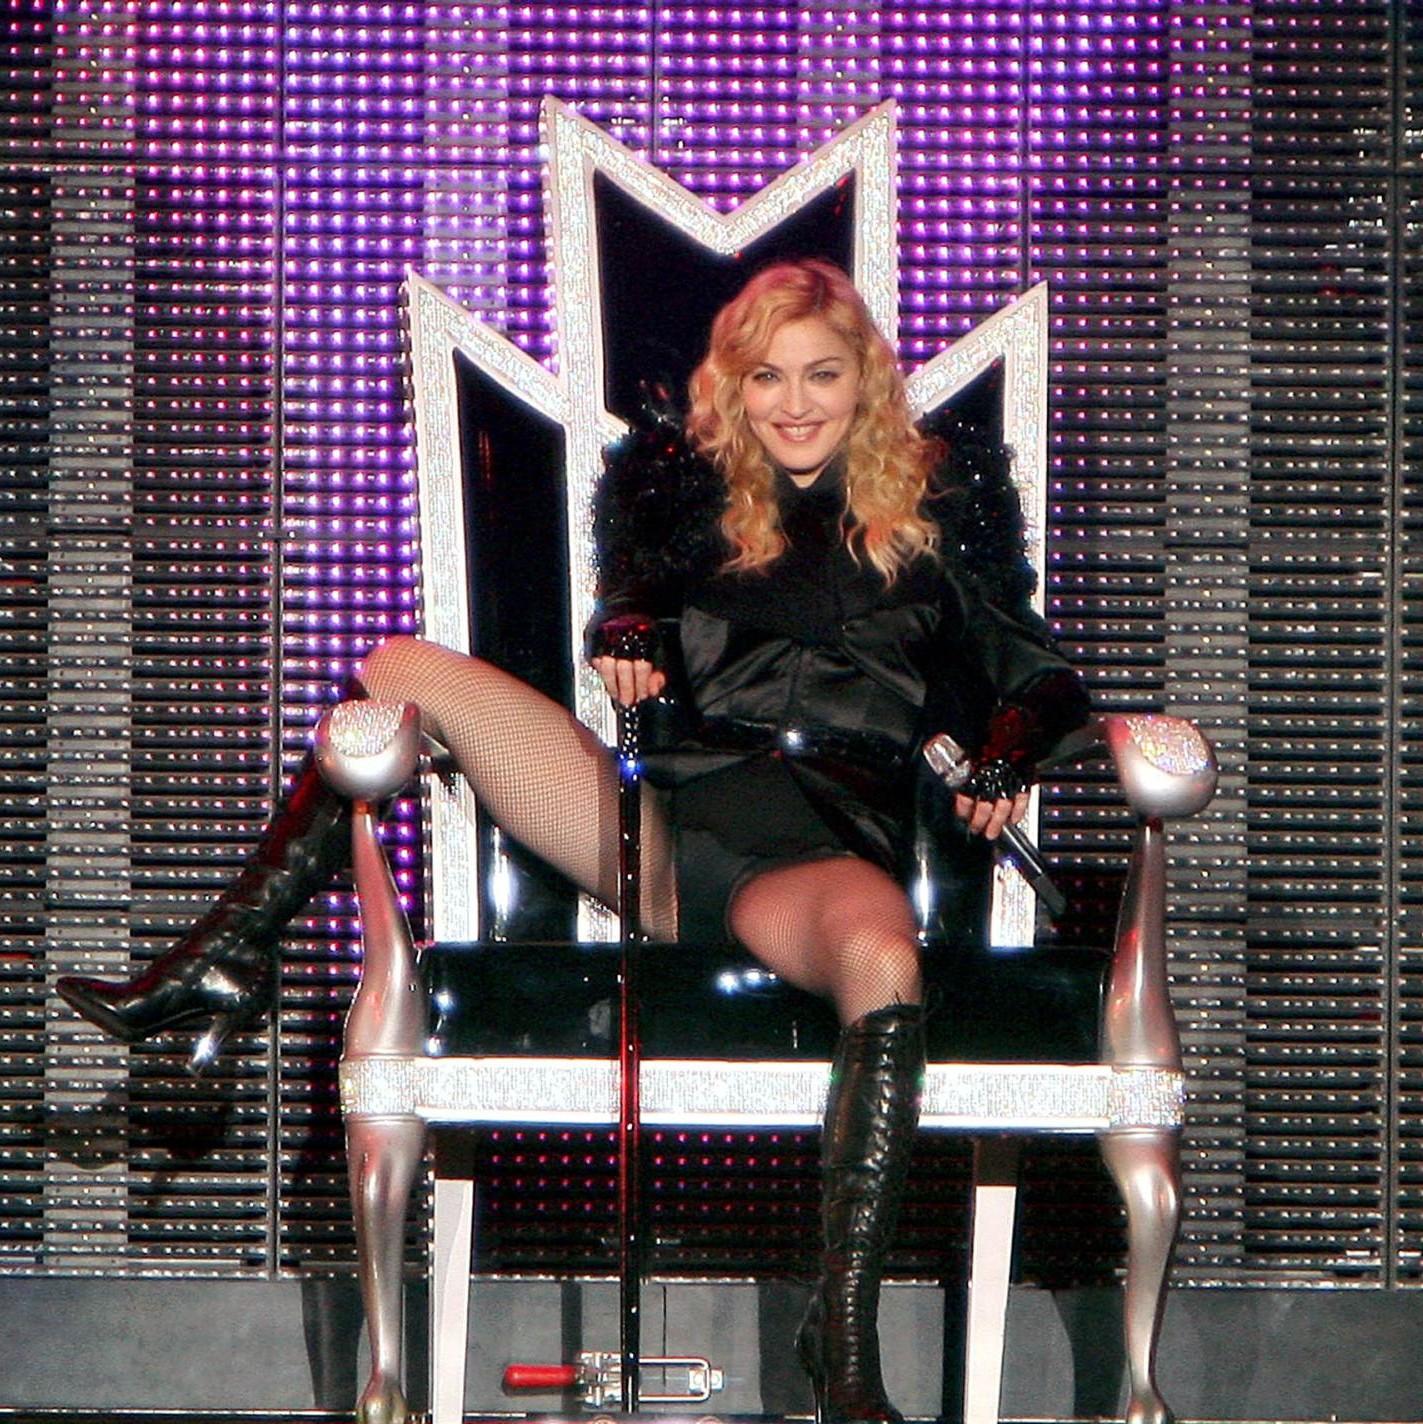 http://4.bp.blogspot.com/_t9qvhx1RDY0/TDCGclOXLDI/AAAAAAAAEIY/zCvWZMzg4rc/s1600/Madonna_Concert_071009.jpg